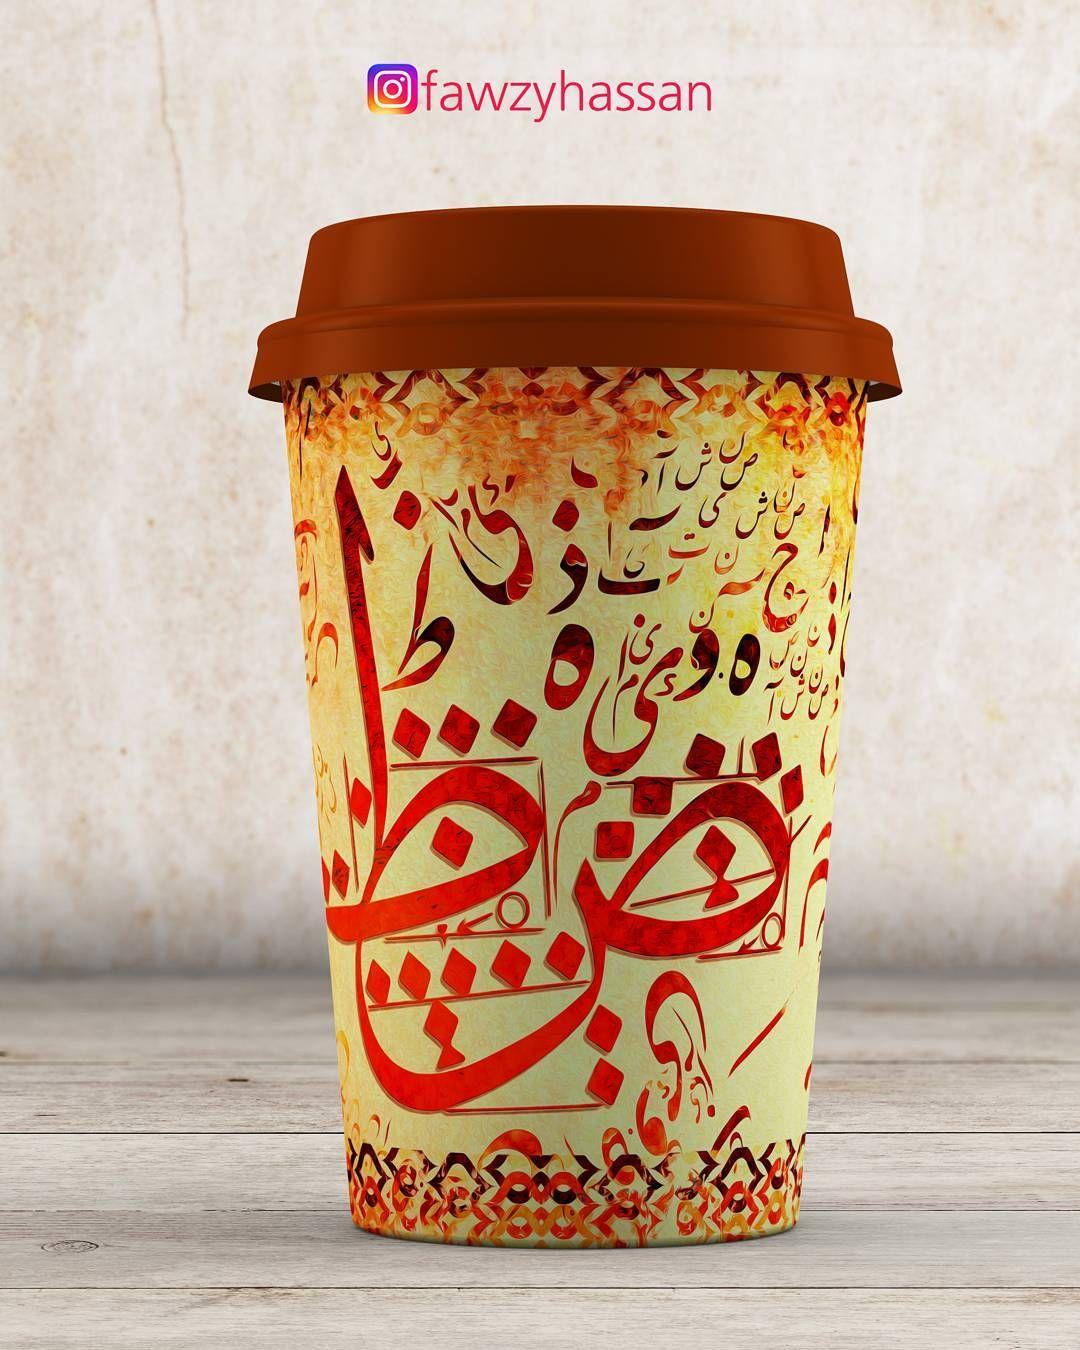 صباح الفل قهوة قهوة تركية خطوط عربية خط الثلث مخطوطة اليستريتور فنون فوتوشوب تصميمات تصميمي ارسمها Food Photography Glassware Tableware